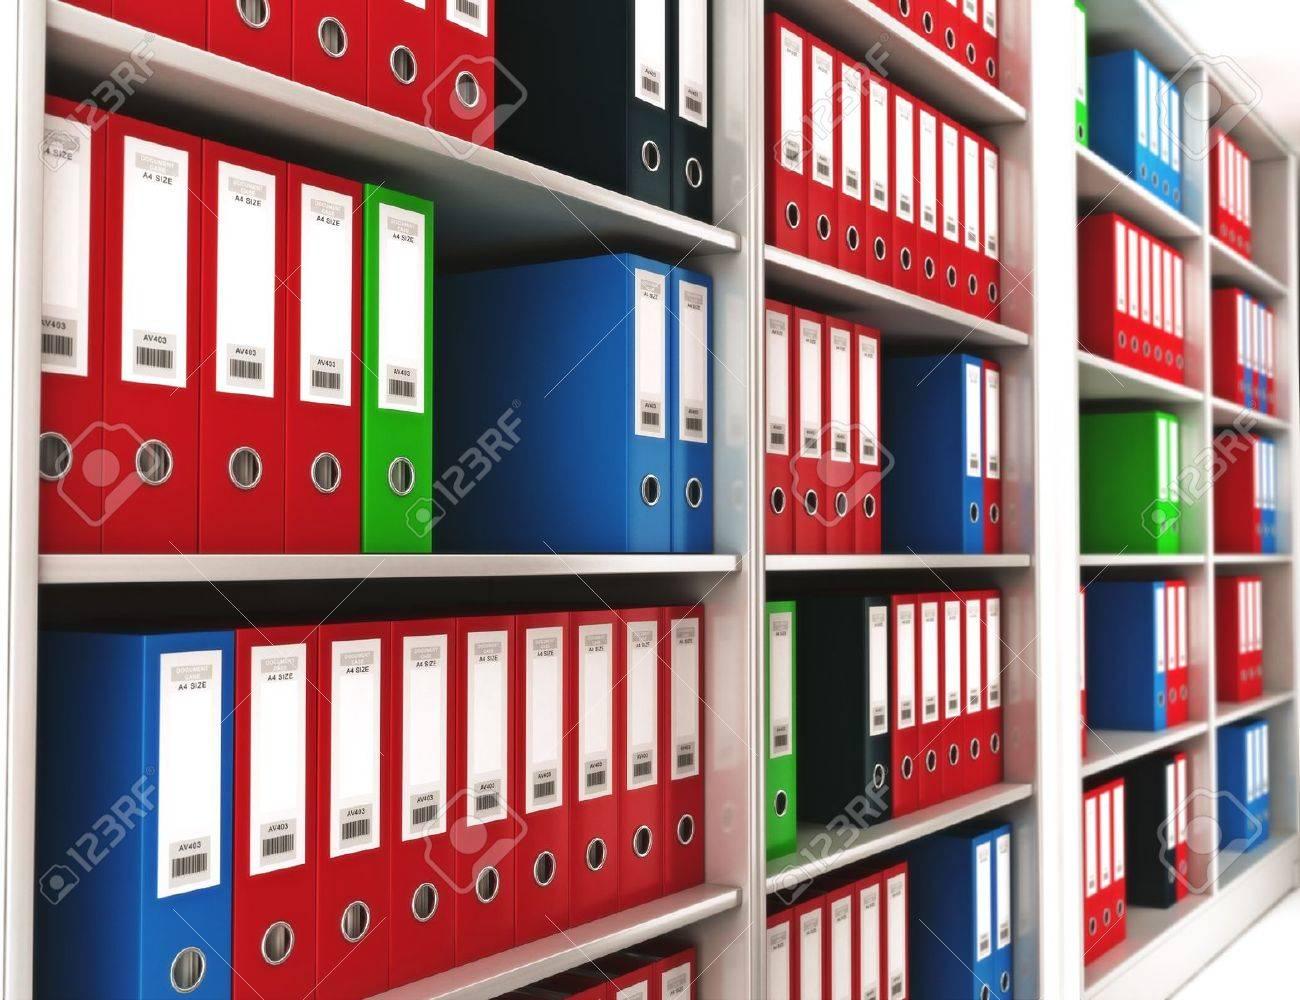 Immagini stock raccoglitori per ufficio su uno scaffale con